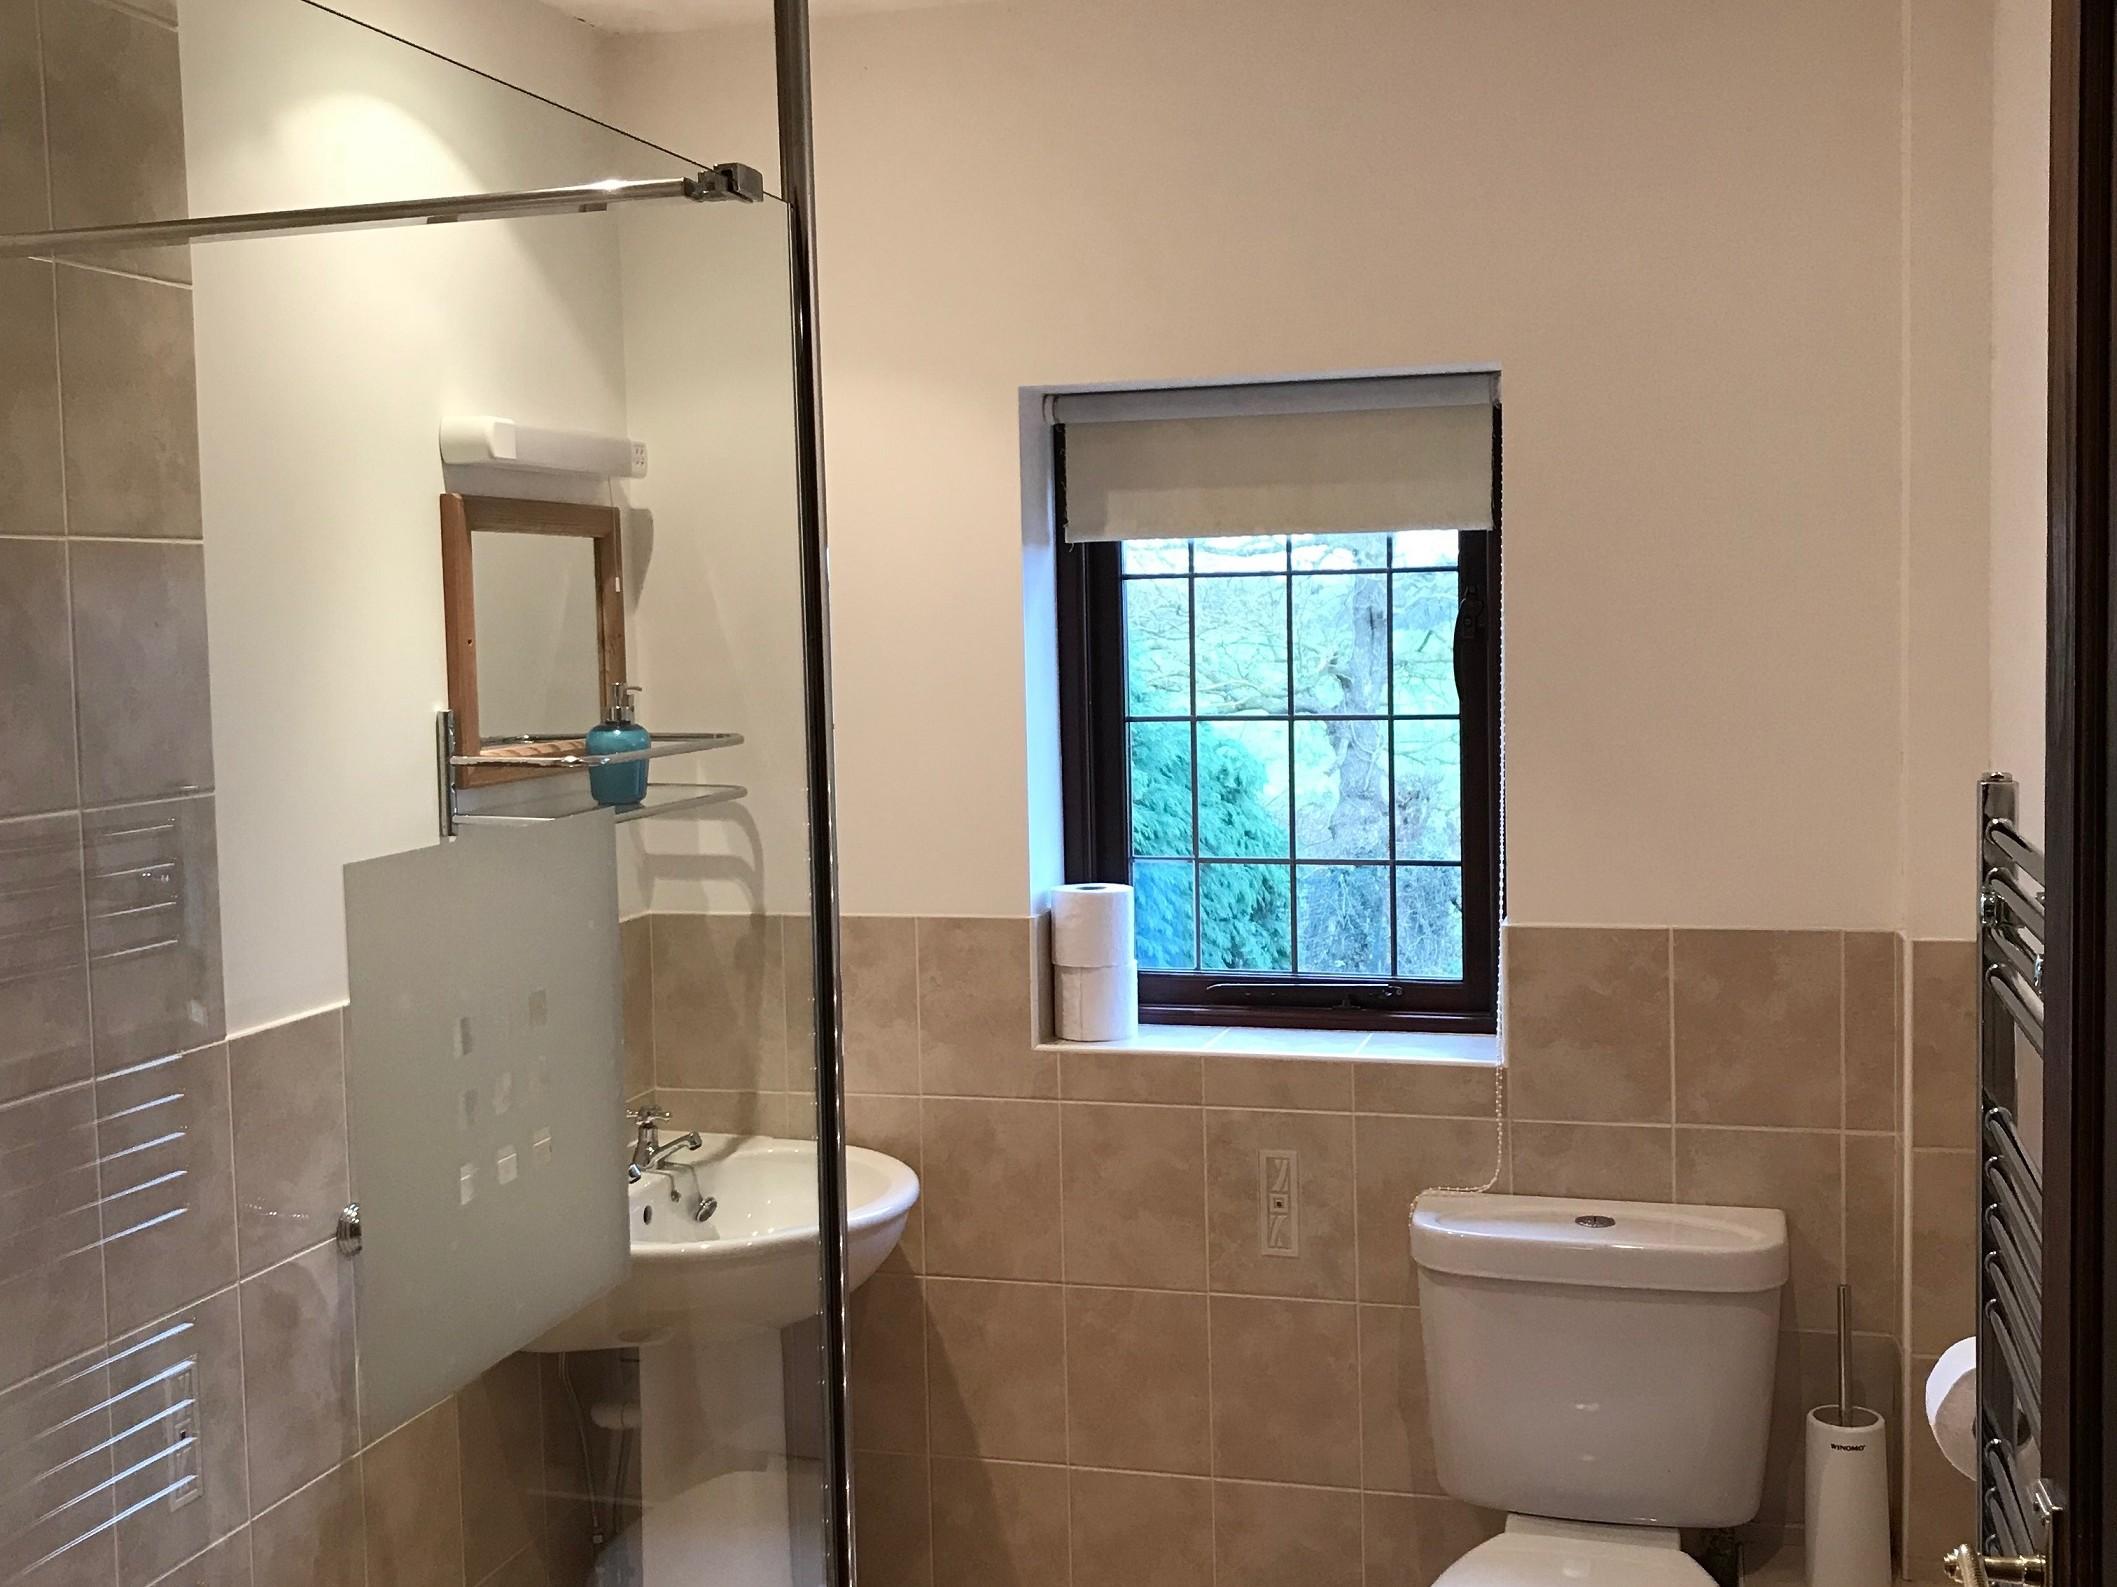 Mounts View shower/wet room